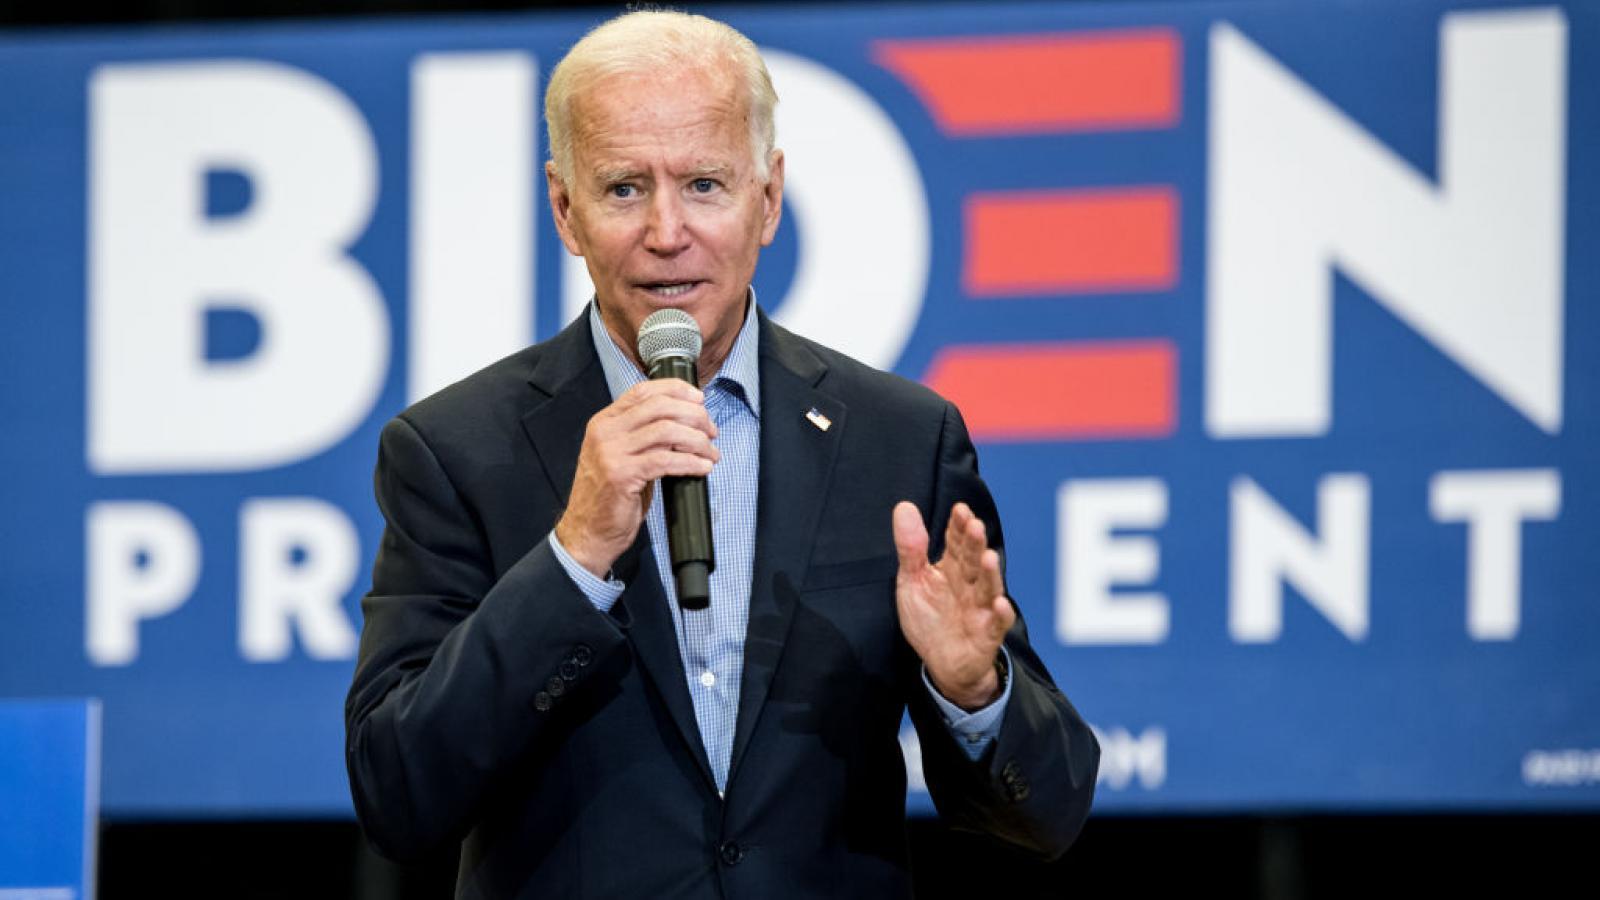 Joe Biden in August 2019